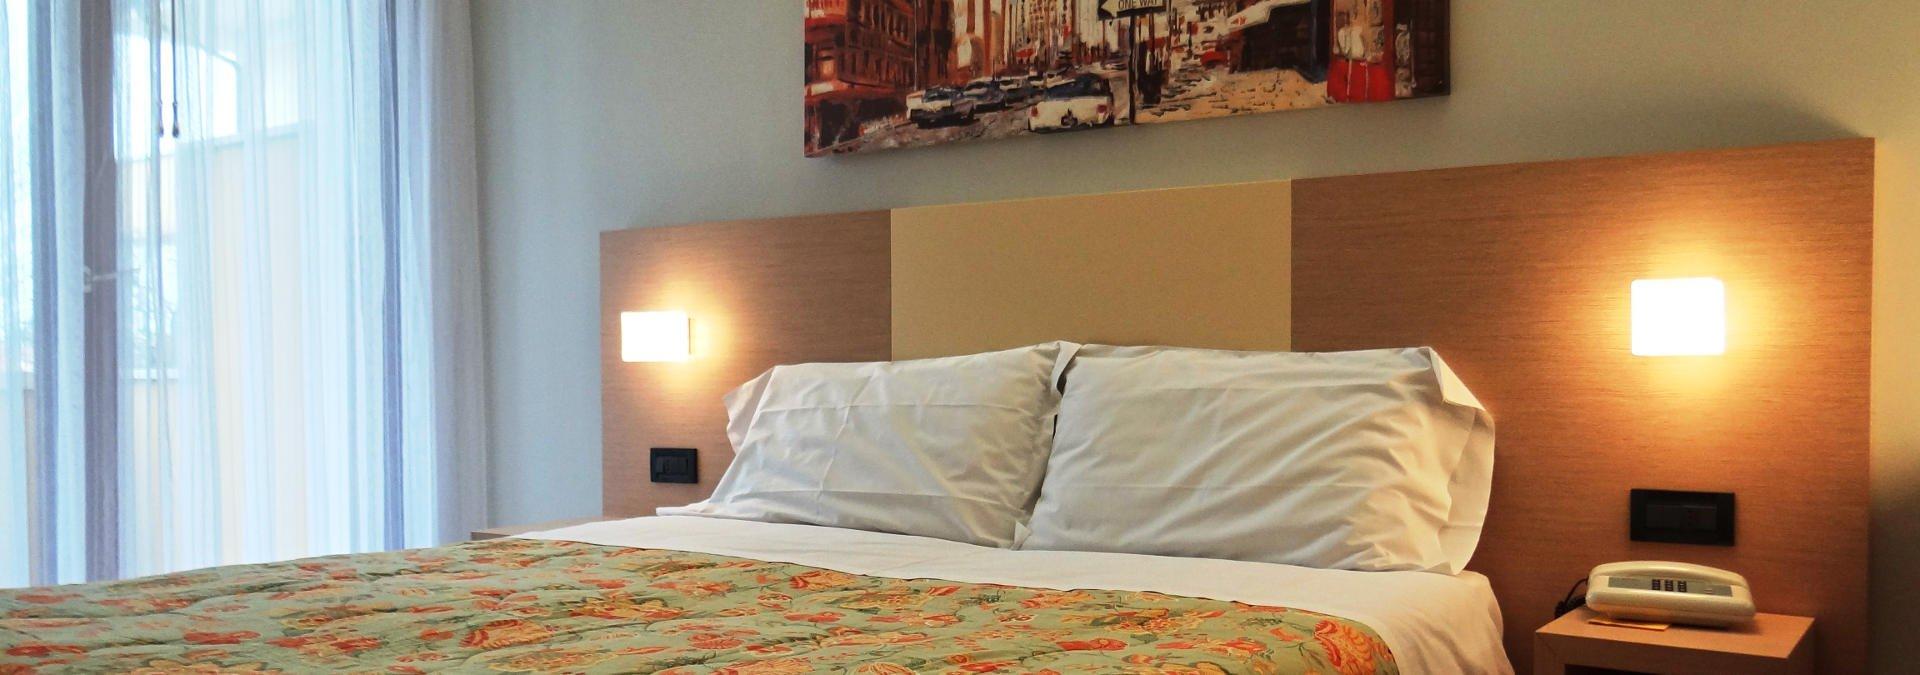 6-hotel-la-bulesca-room-1920x675